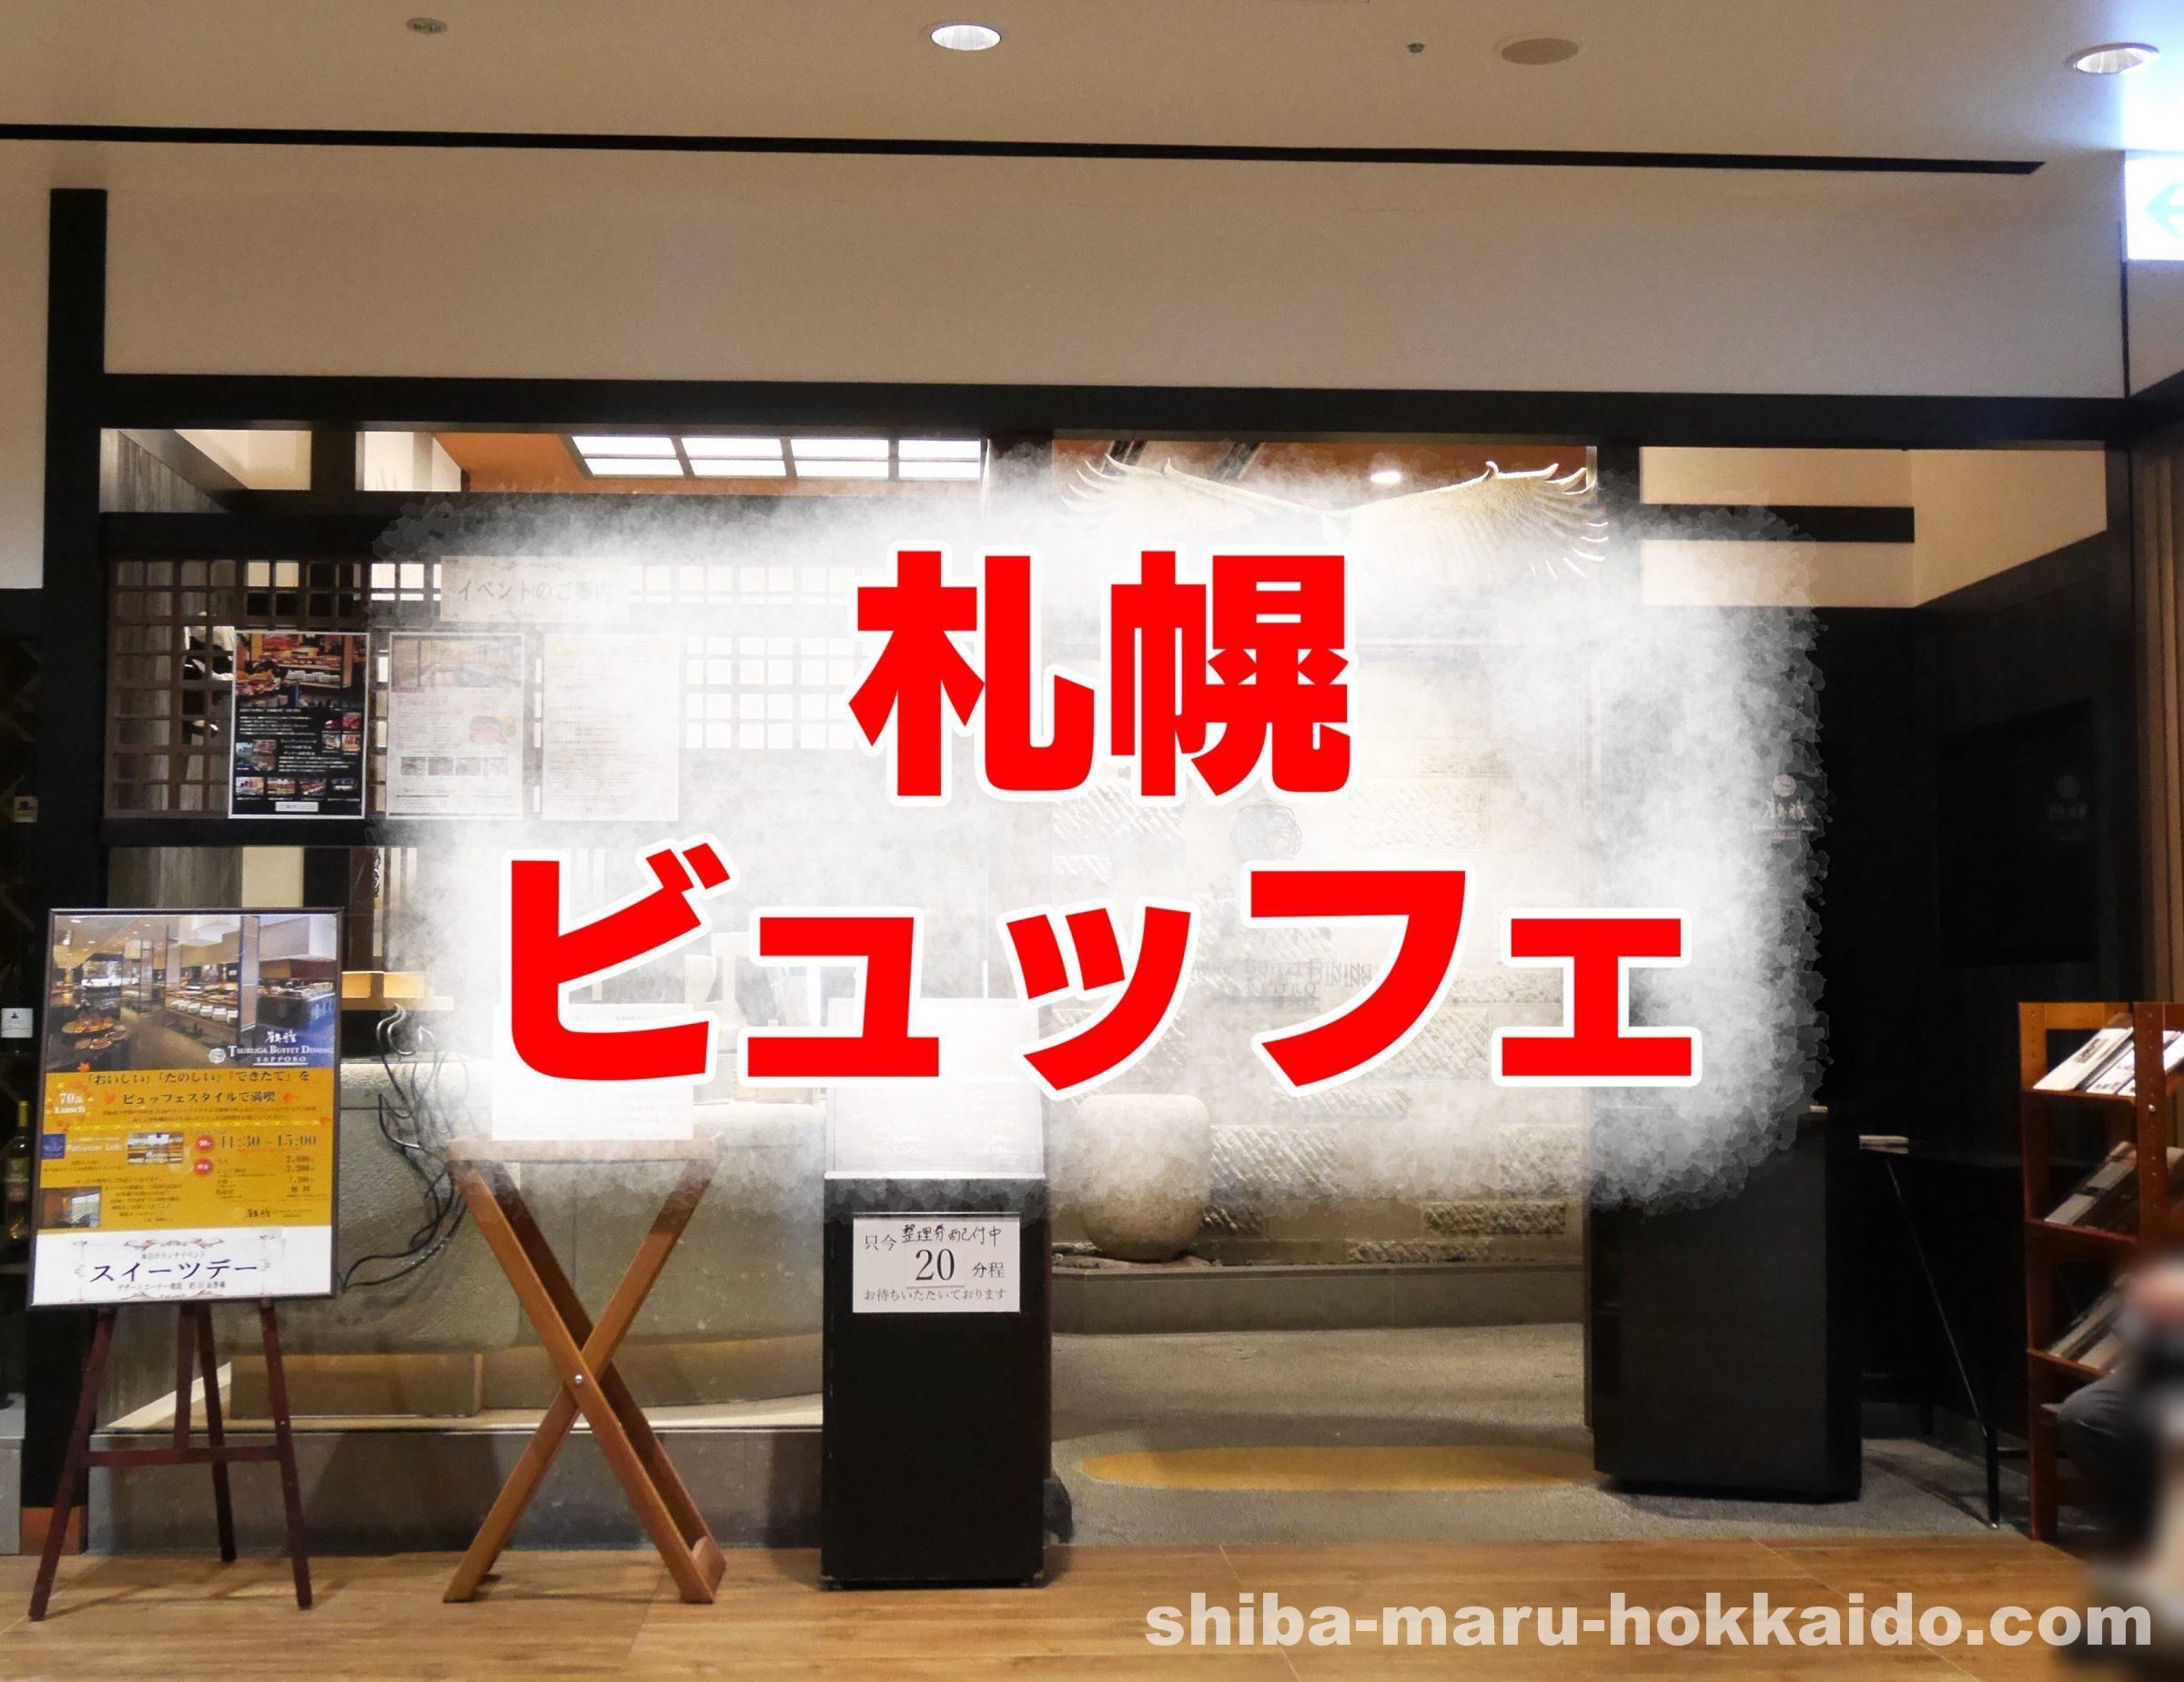 赤レンガテラス「鶴雅ビュッフェダイニング札幌」のスイーツデイに行ってきました!